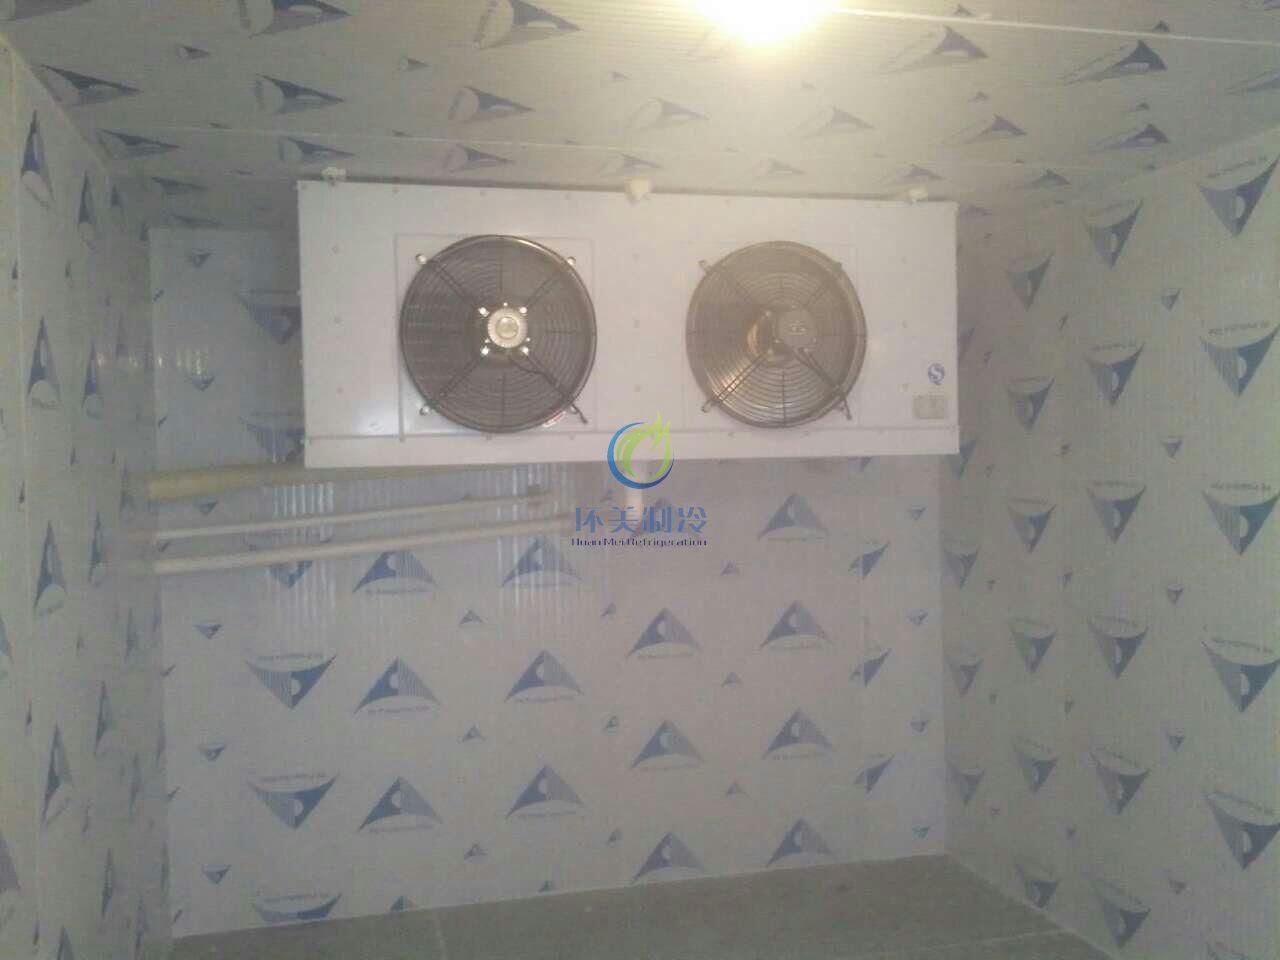 海口冷库|海口冷藏库|海口冷库设备